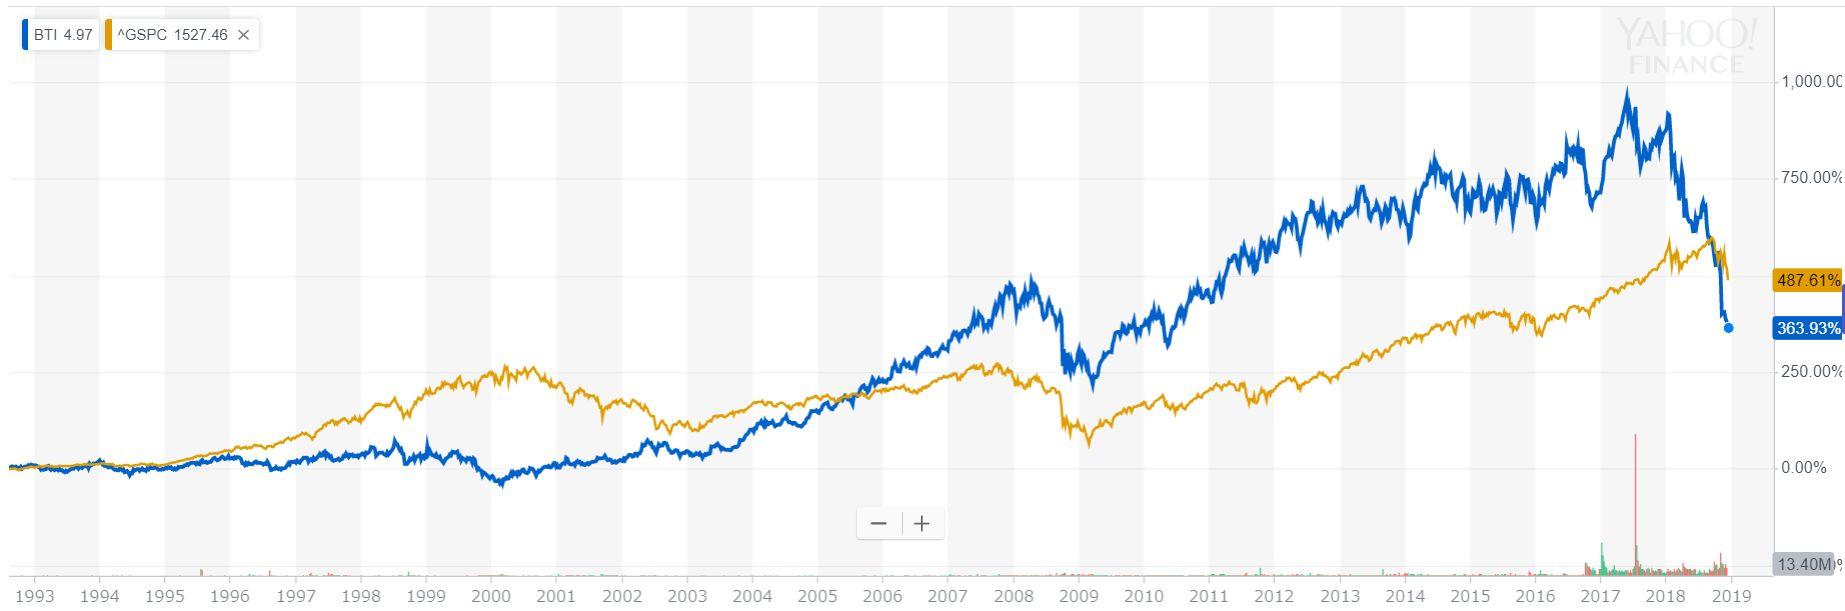 ブリティッシュ・アメリカン・タバコ(BTI) vs  S&P500(1993年~2018年)